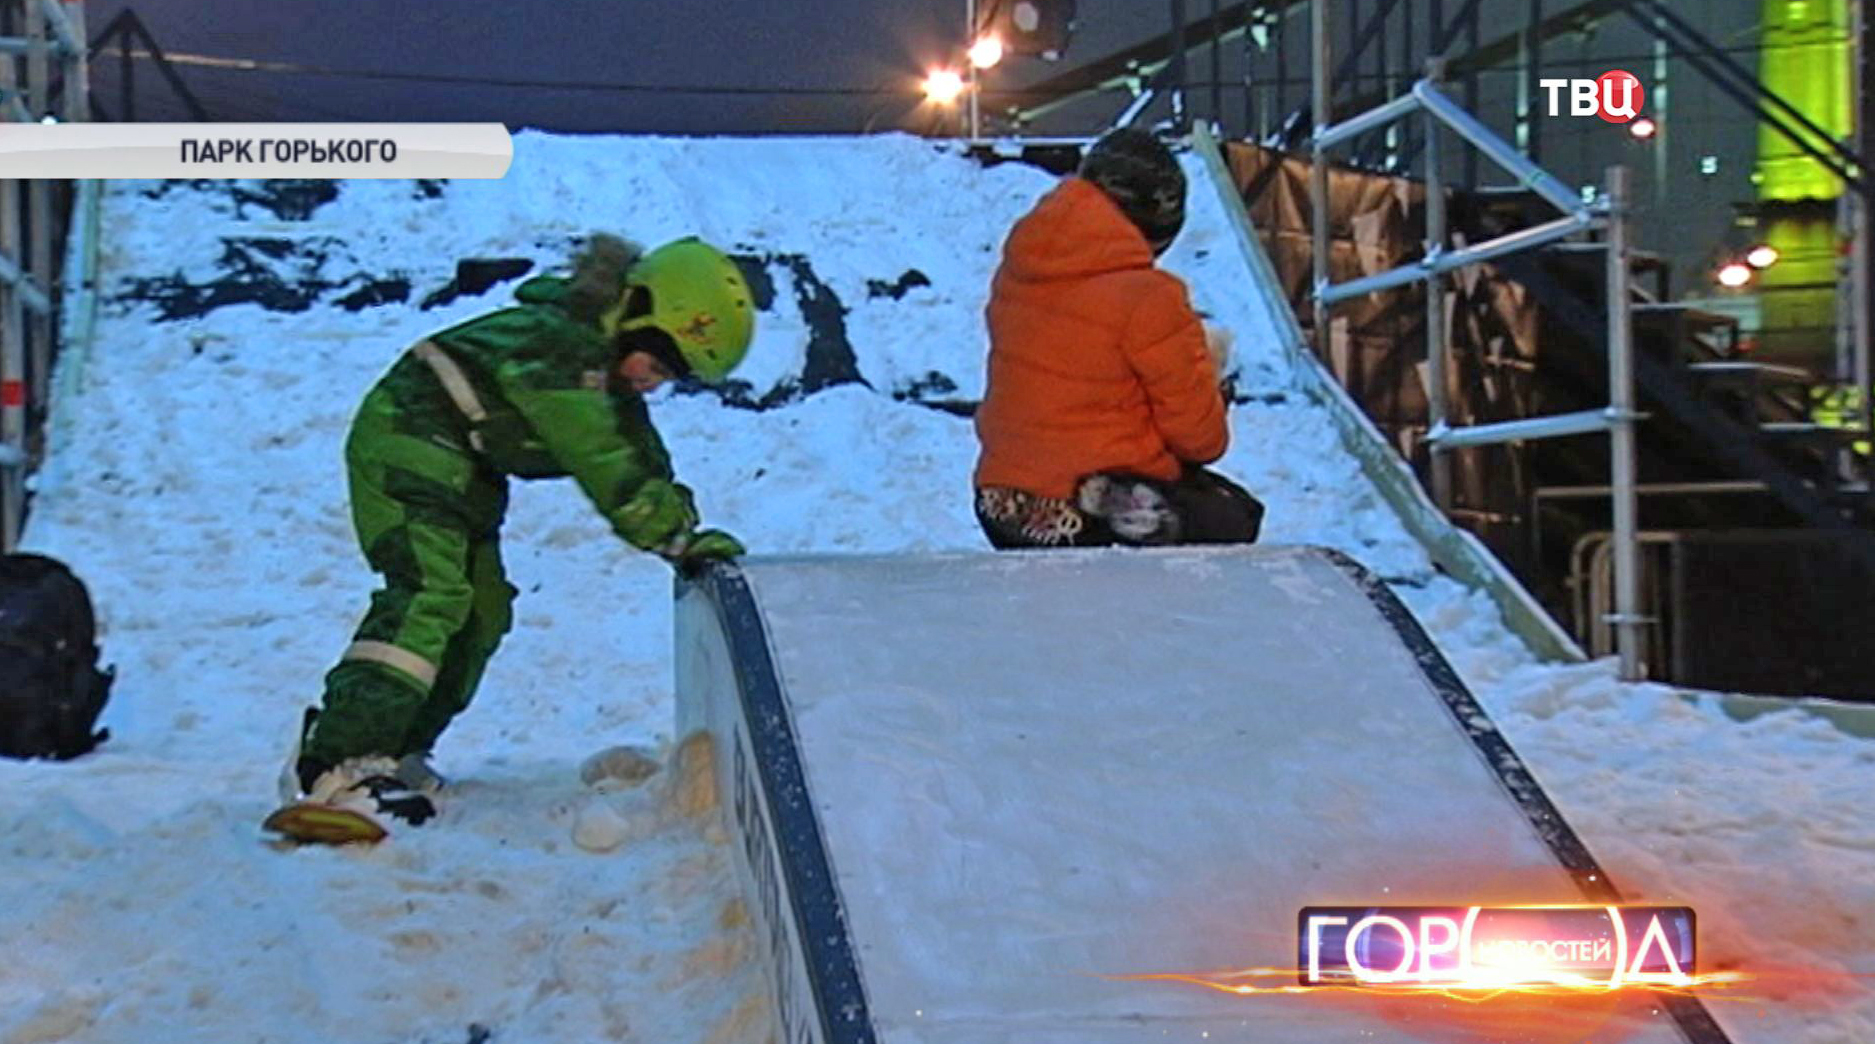 Комплекс для сноубордистов в Парке Горького